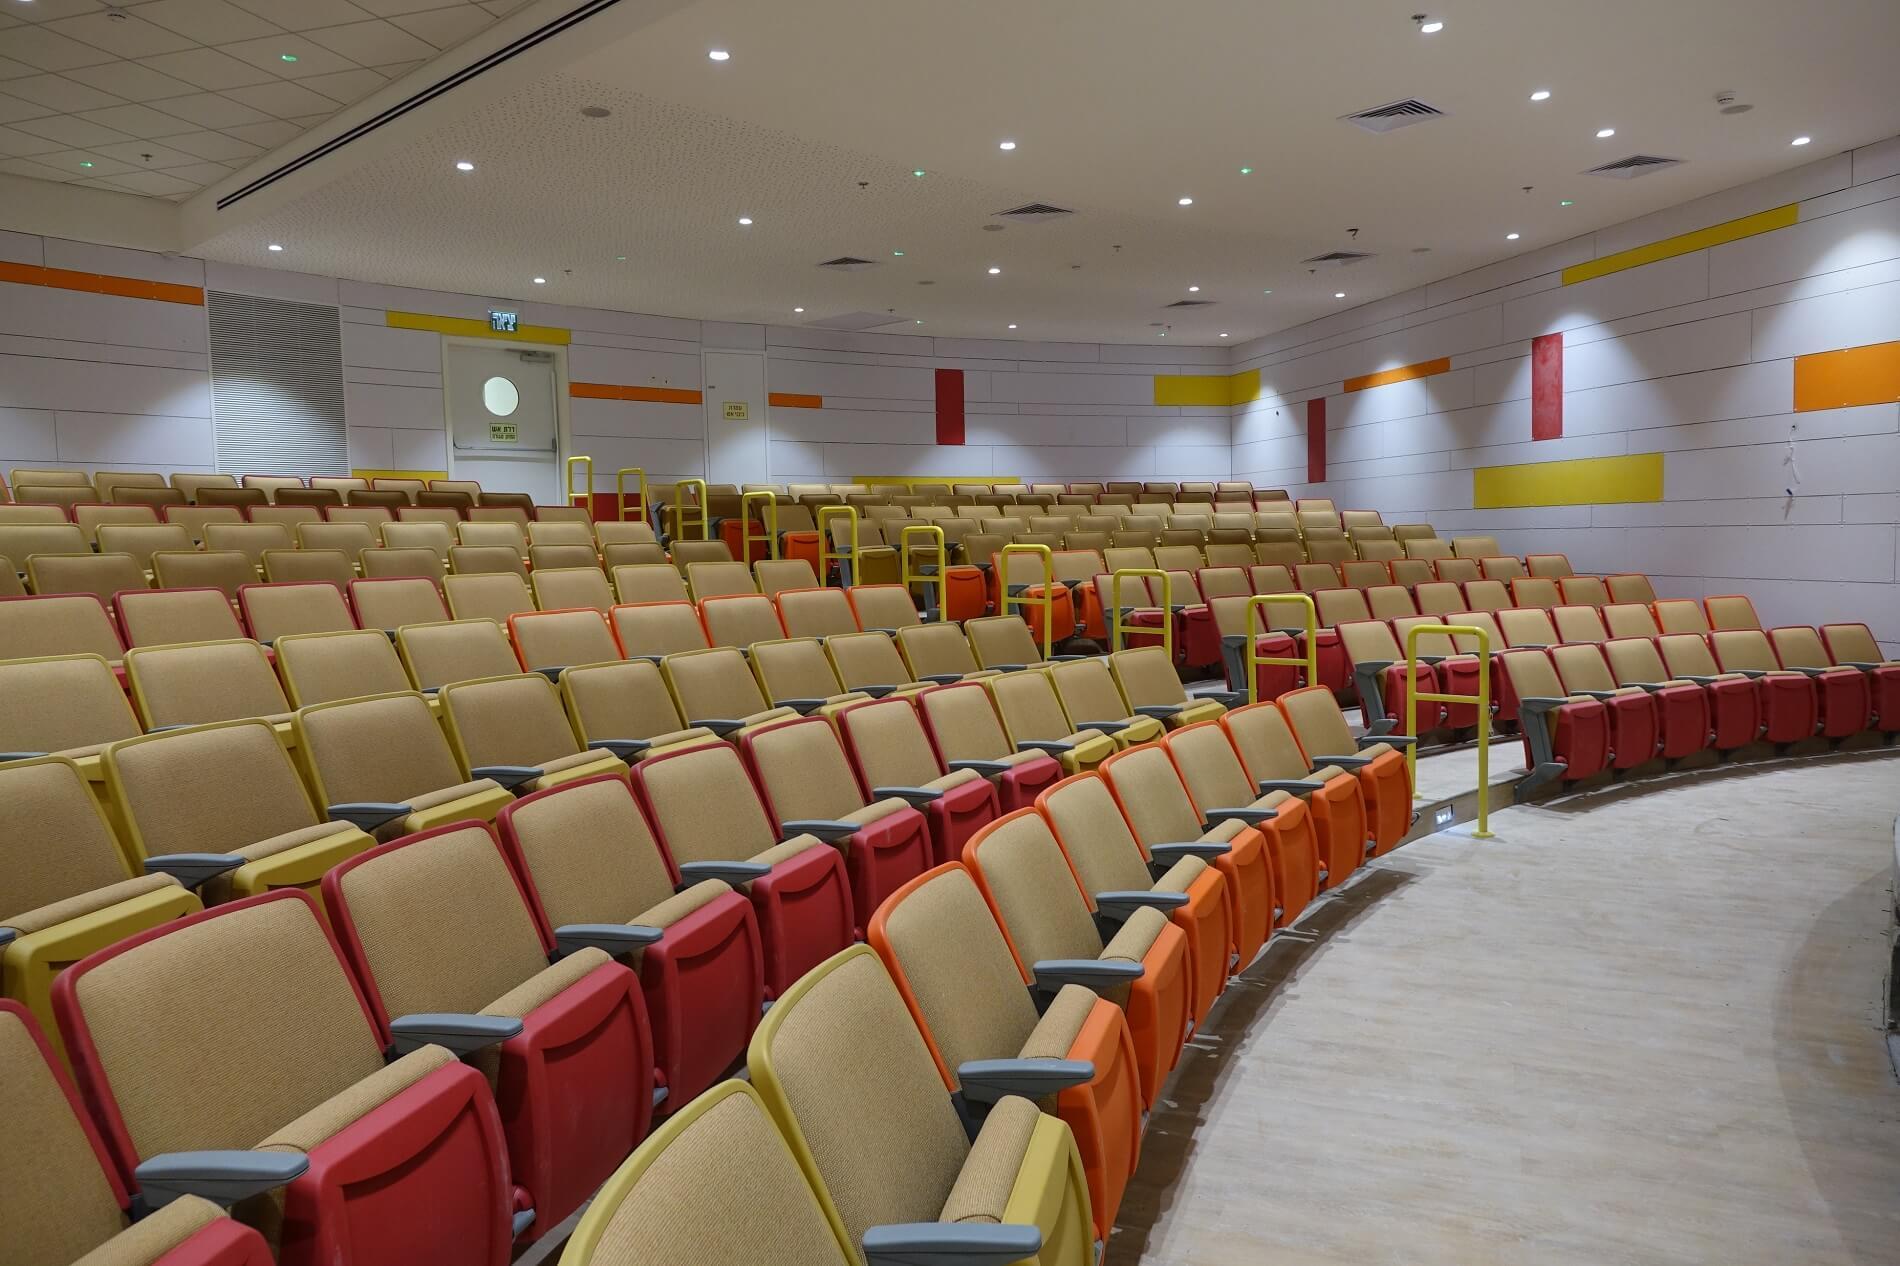 אודיטוריום בית ספר קוגל כיסאות IRWIN- CITATION (3)